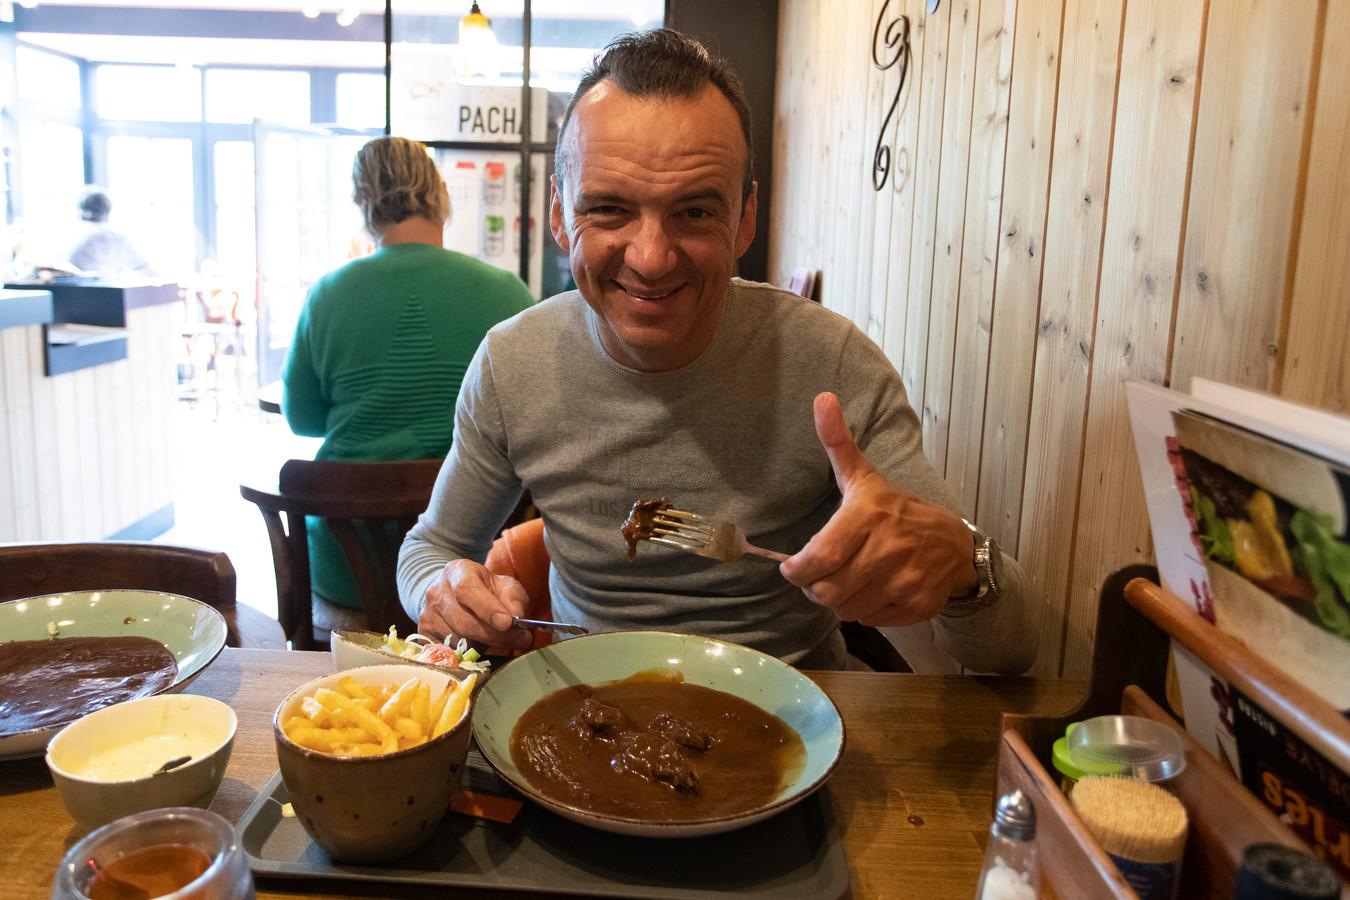 Luc Bellings proeft stoofvlees met friet en is weer genadeloos kritisch.